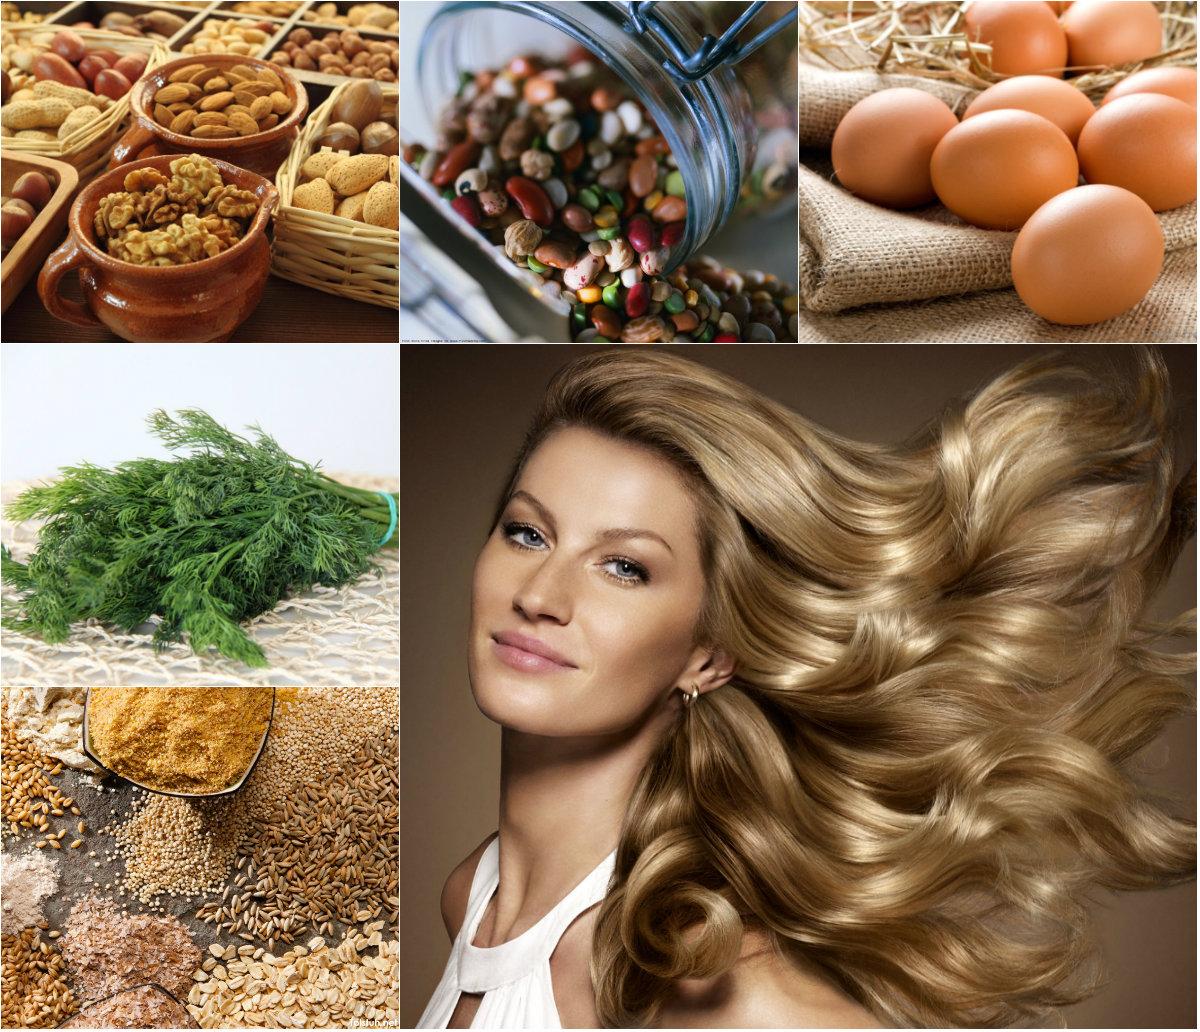 питание для волос: фото 3